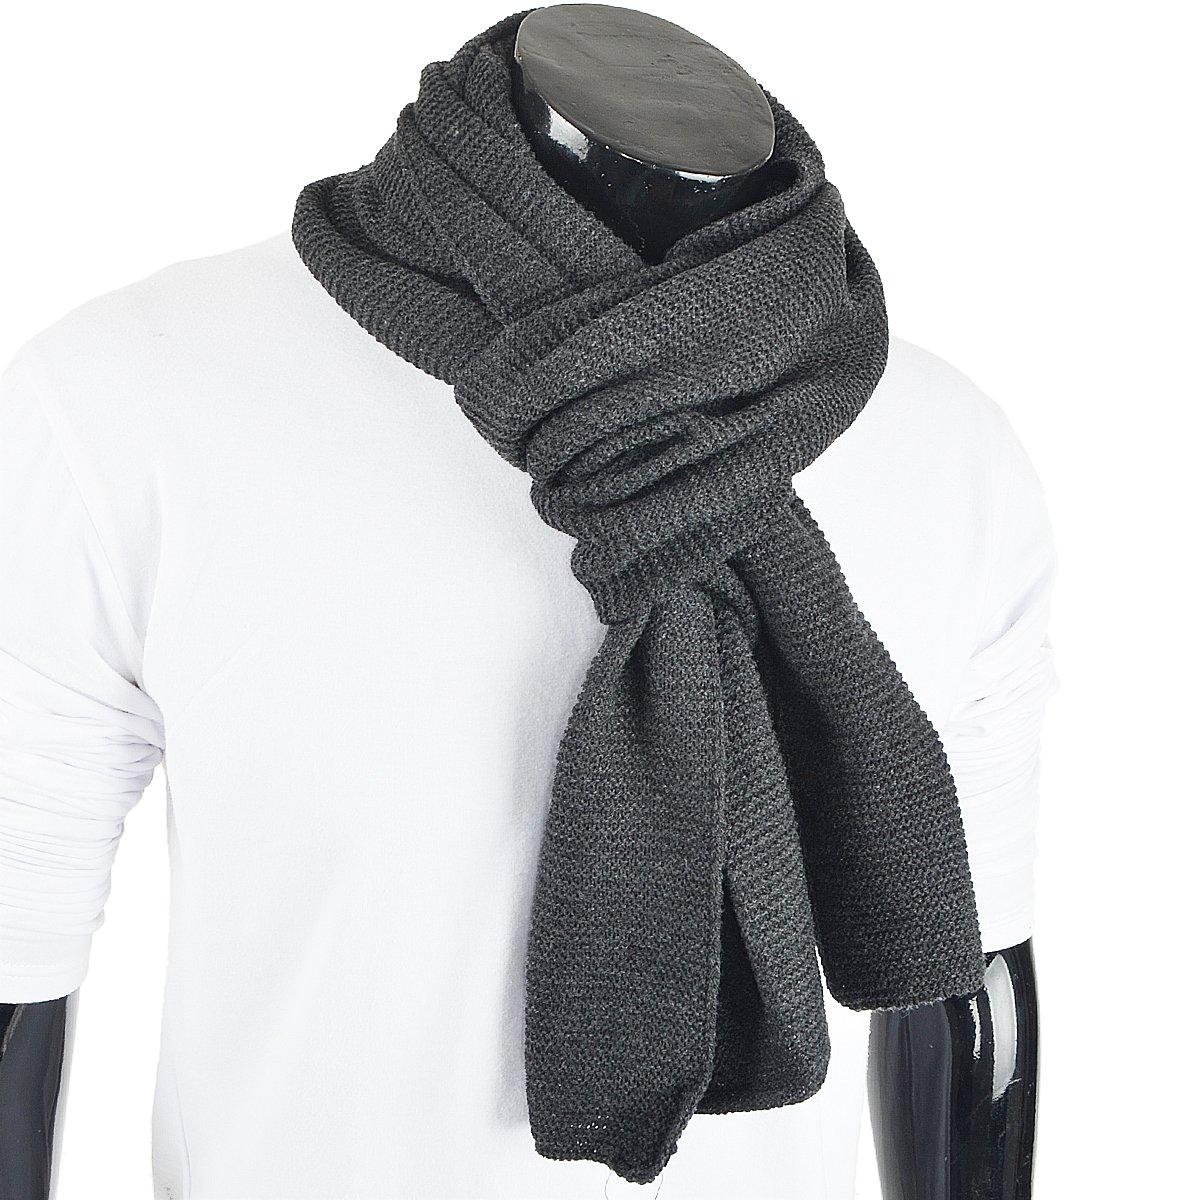 Oversized Navy Blue E5081 FORBUSITE Winter Scarf for Men Knit